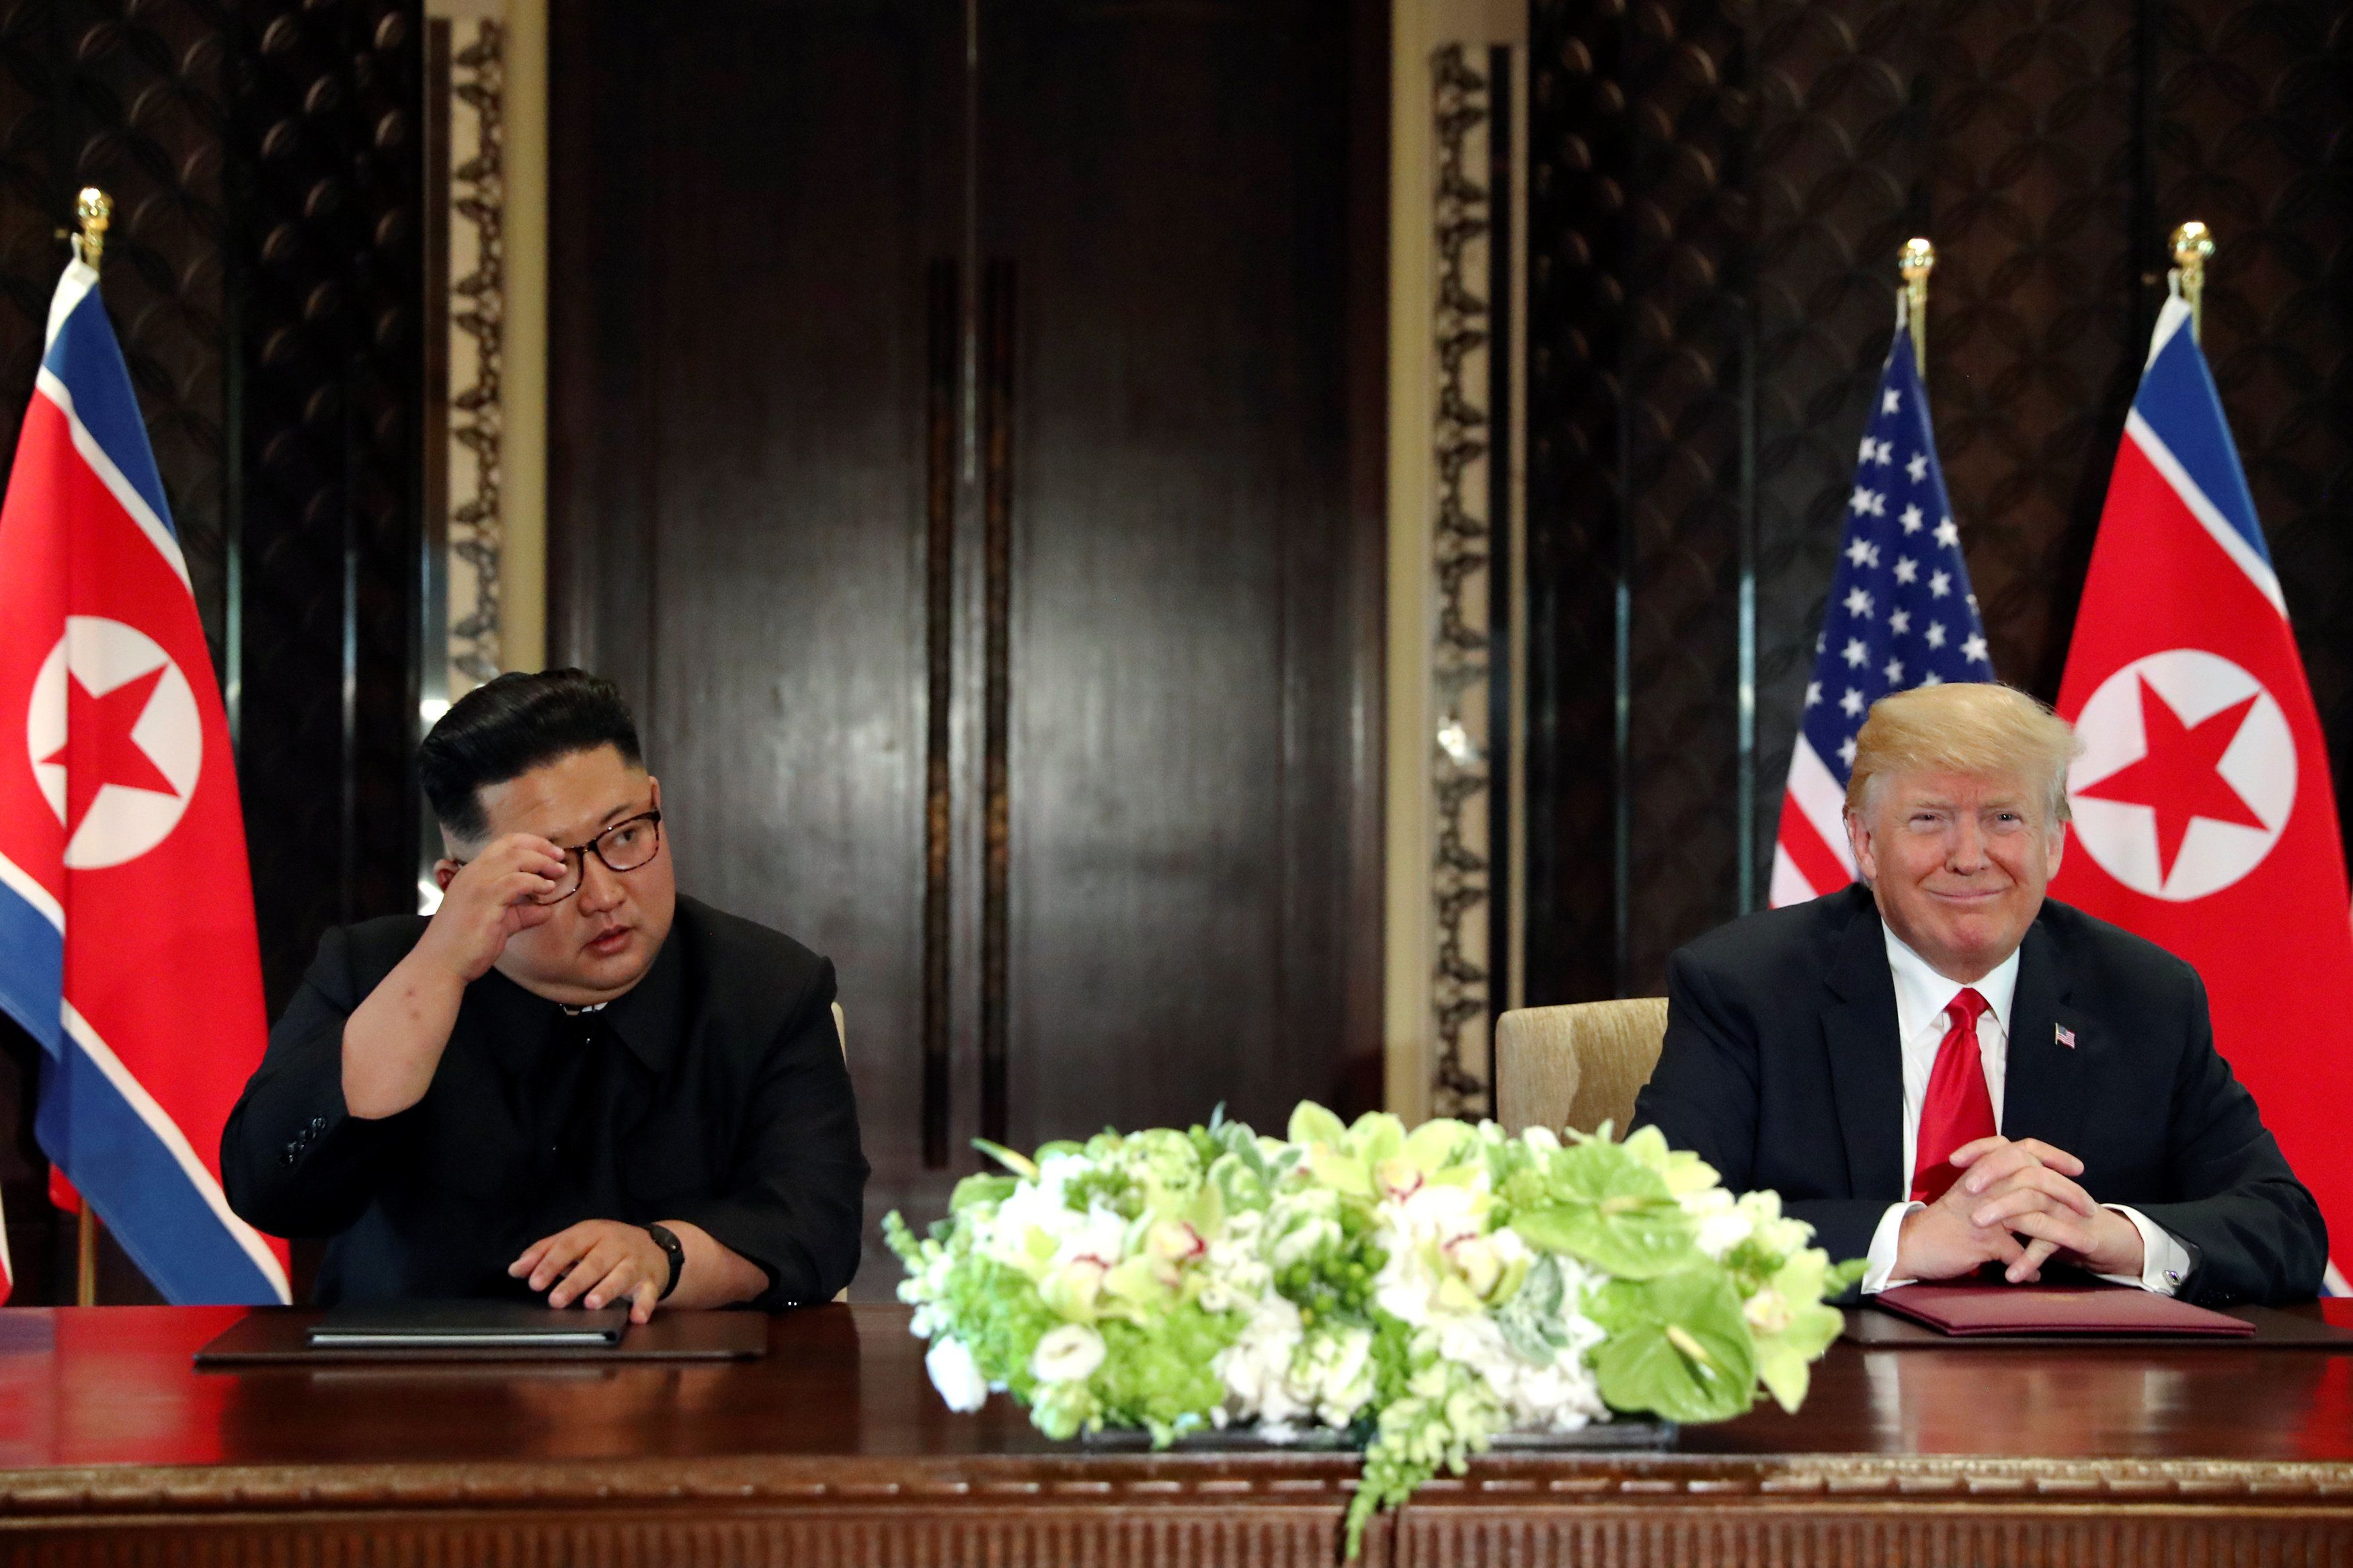 Ο Τραμπ δηλώνει ότι «πιθανότατα» θα συναντηθεί ξανά με τον Κιμ Γιονγκ